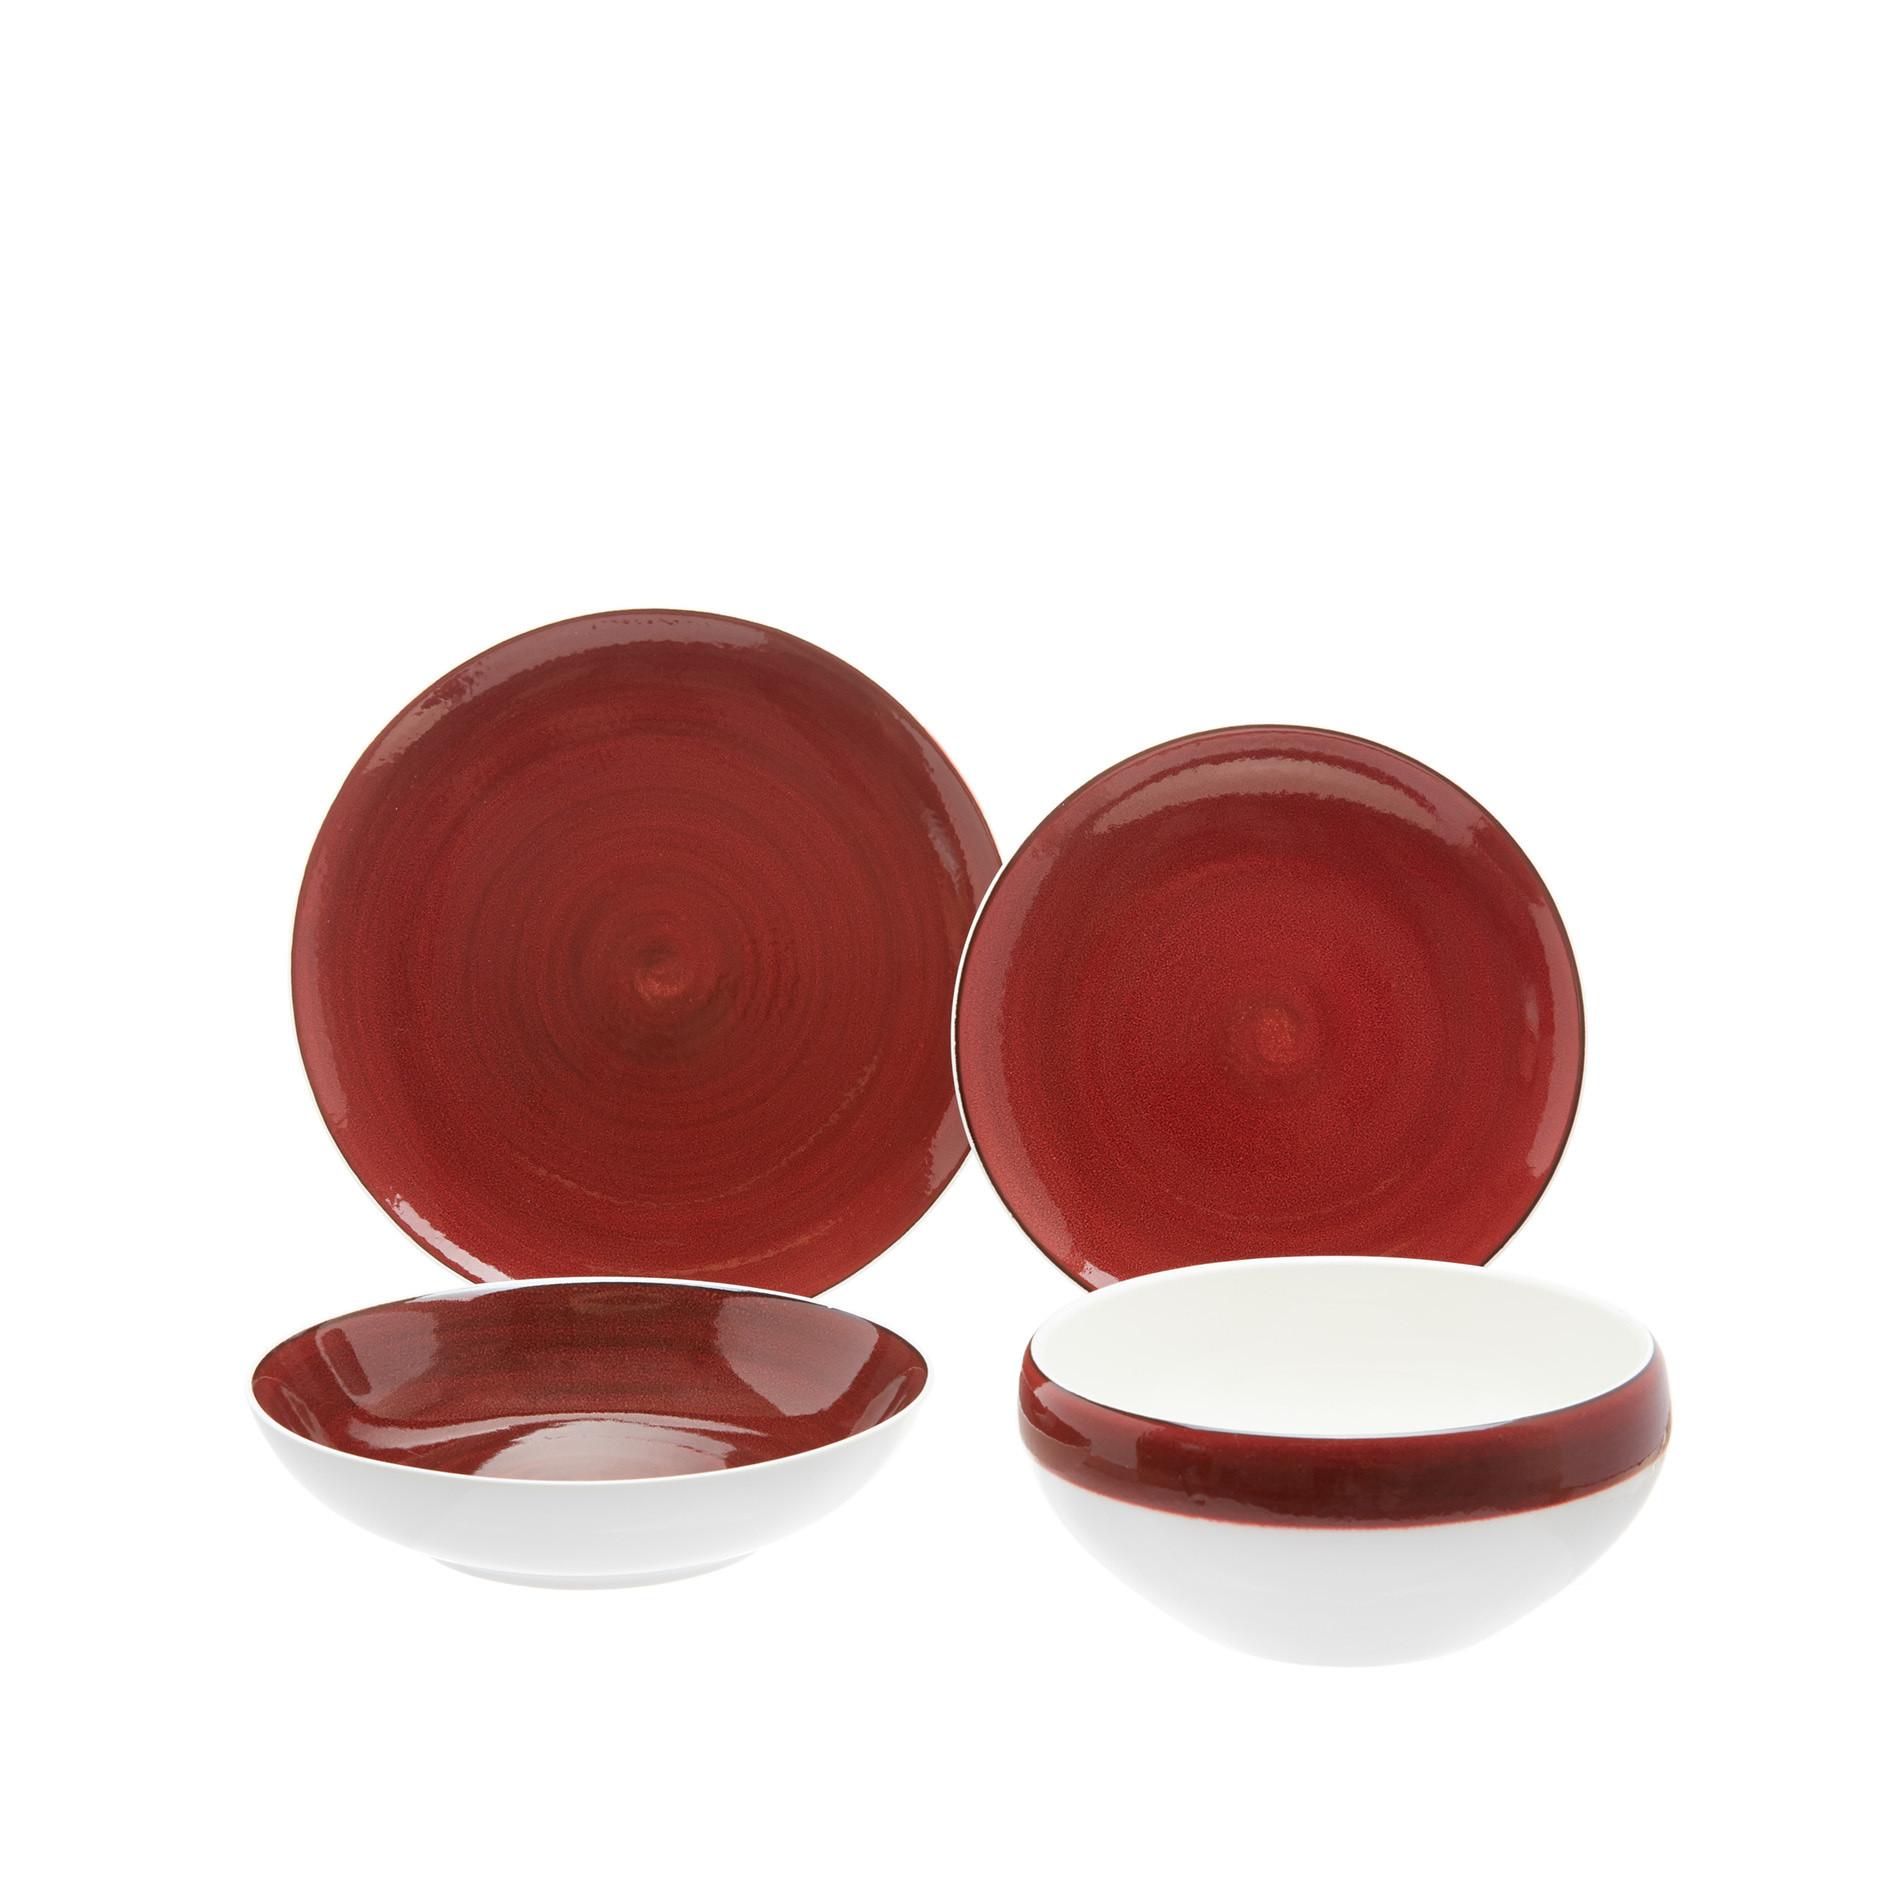 Piatto piano porcellana effetto puntinato, Bianco/Rosso, large image number 1